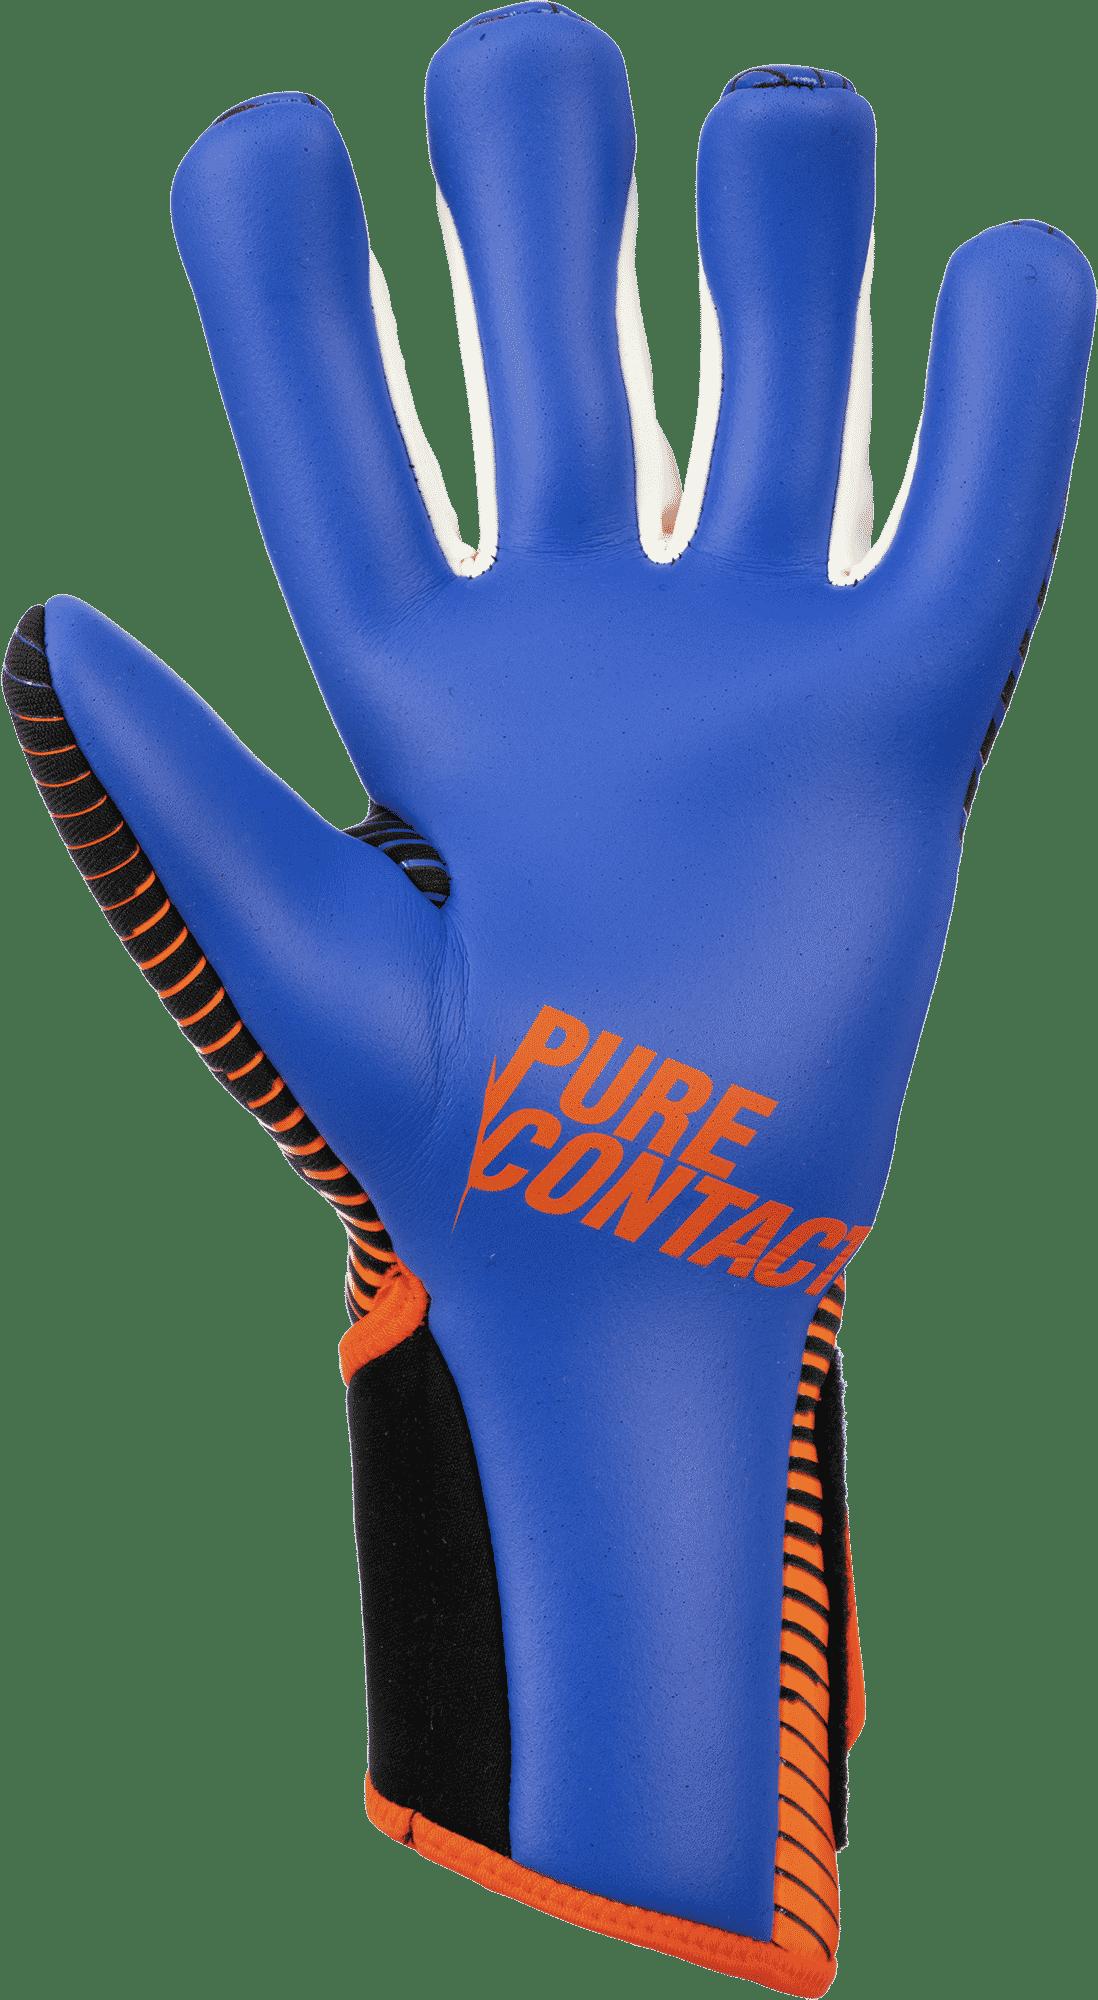 gant-reusch-PURECONTACT-3-G3-GORE-TEX-INFINIUM1